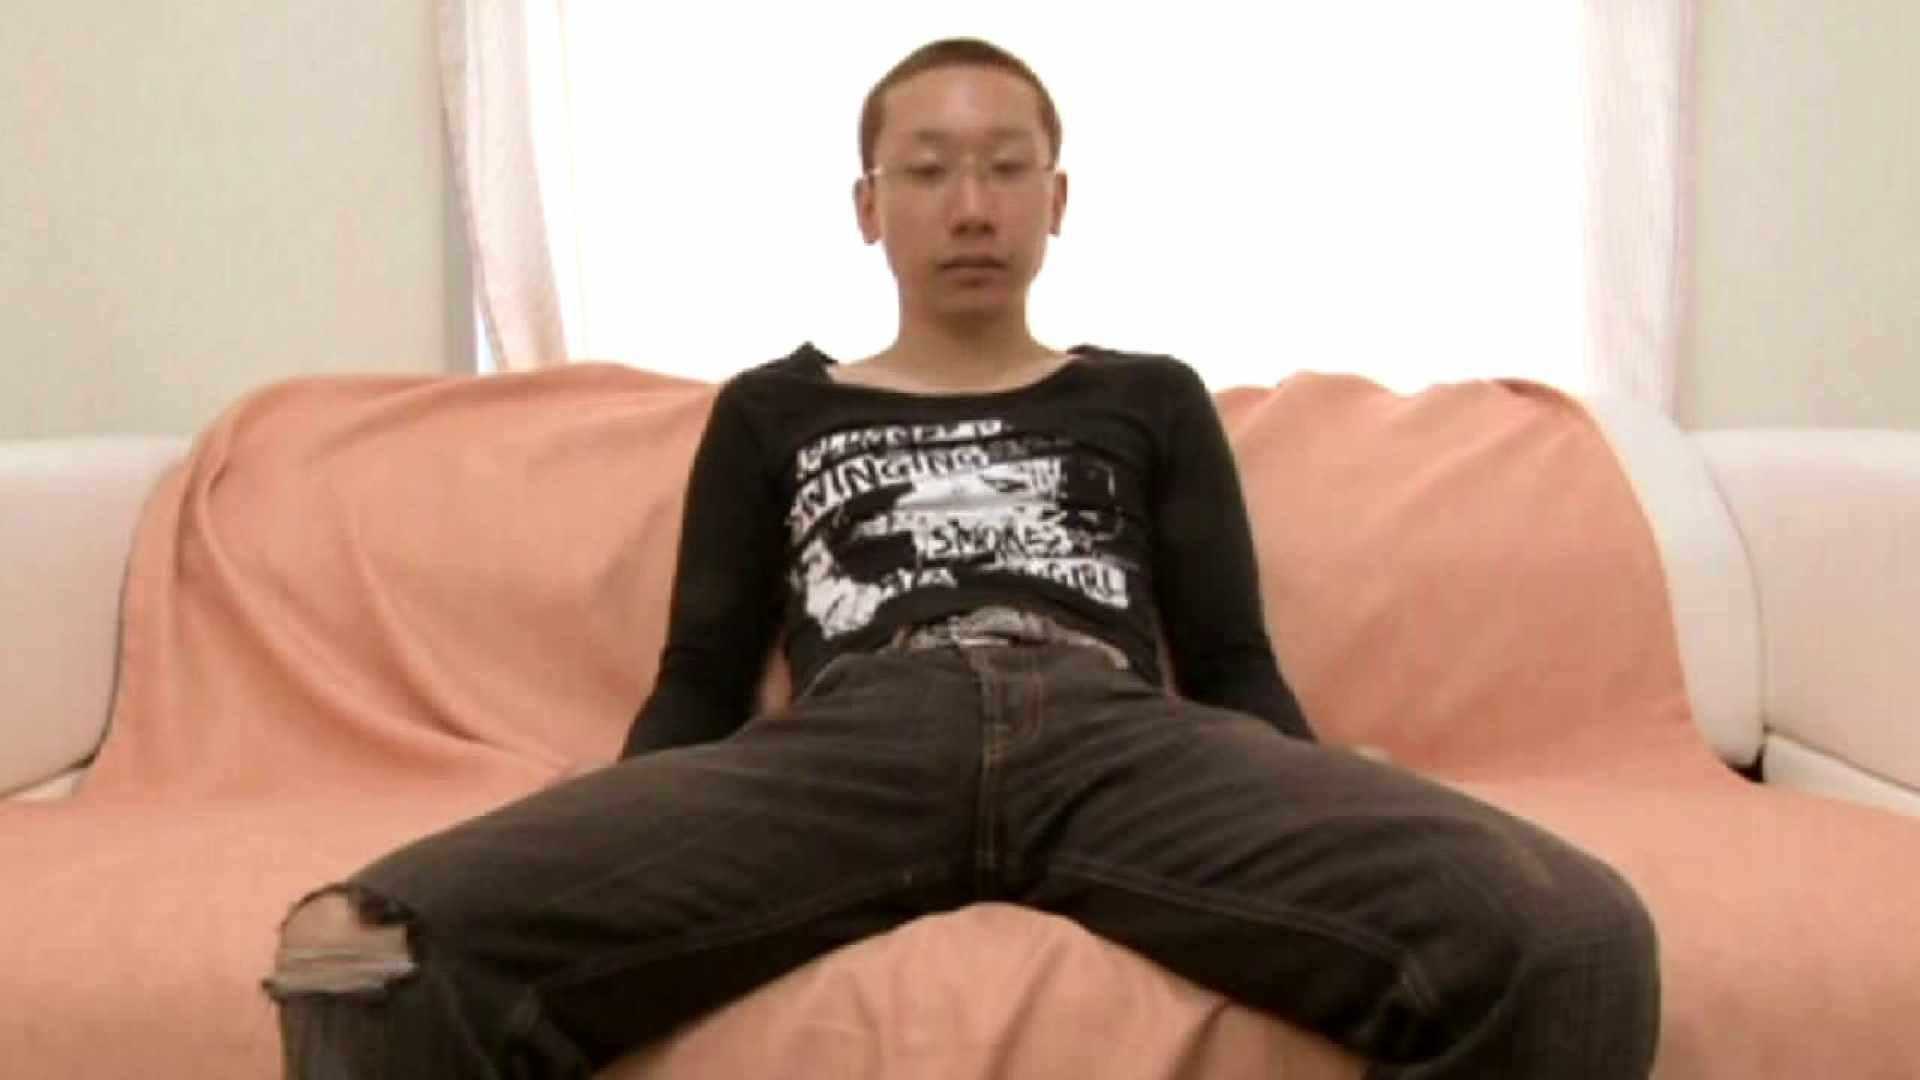 ノンケ!自慰スタジオ No.01 手コキ   流出作品 AV動画 96pic 37